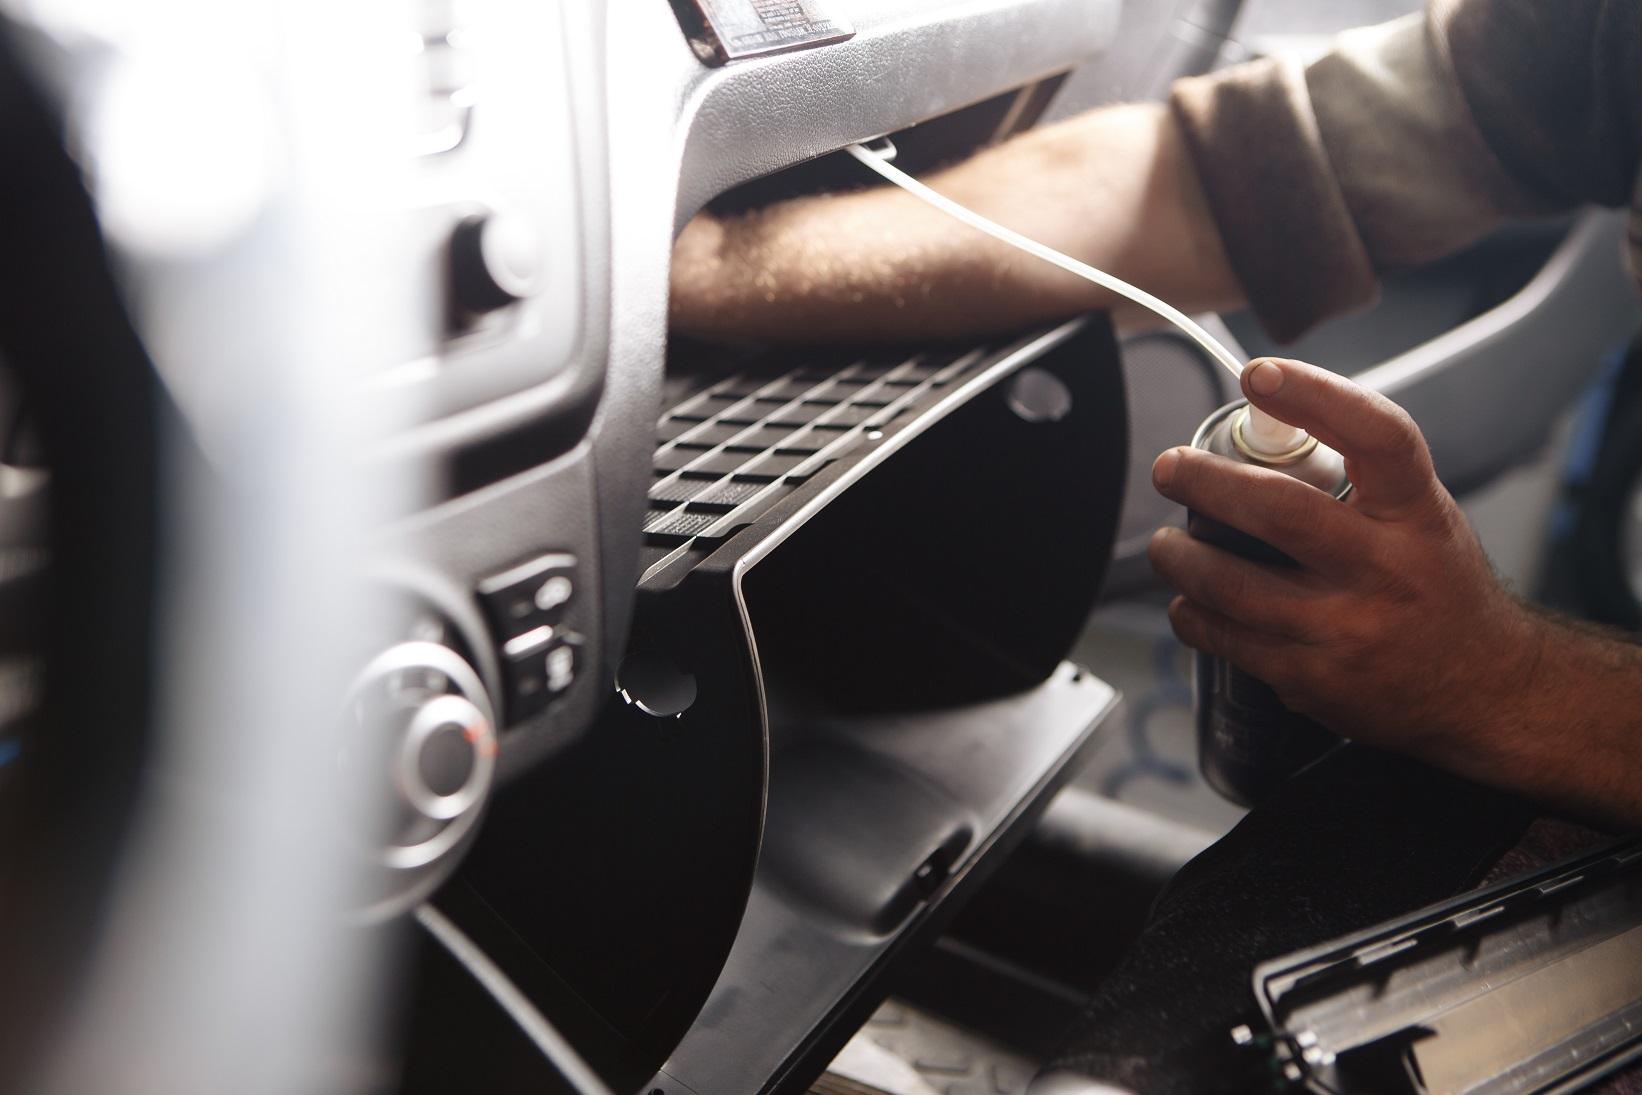 pessoa higieniza sistema de ar condicionado do carro com spray bactericida